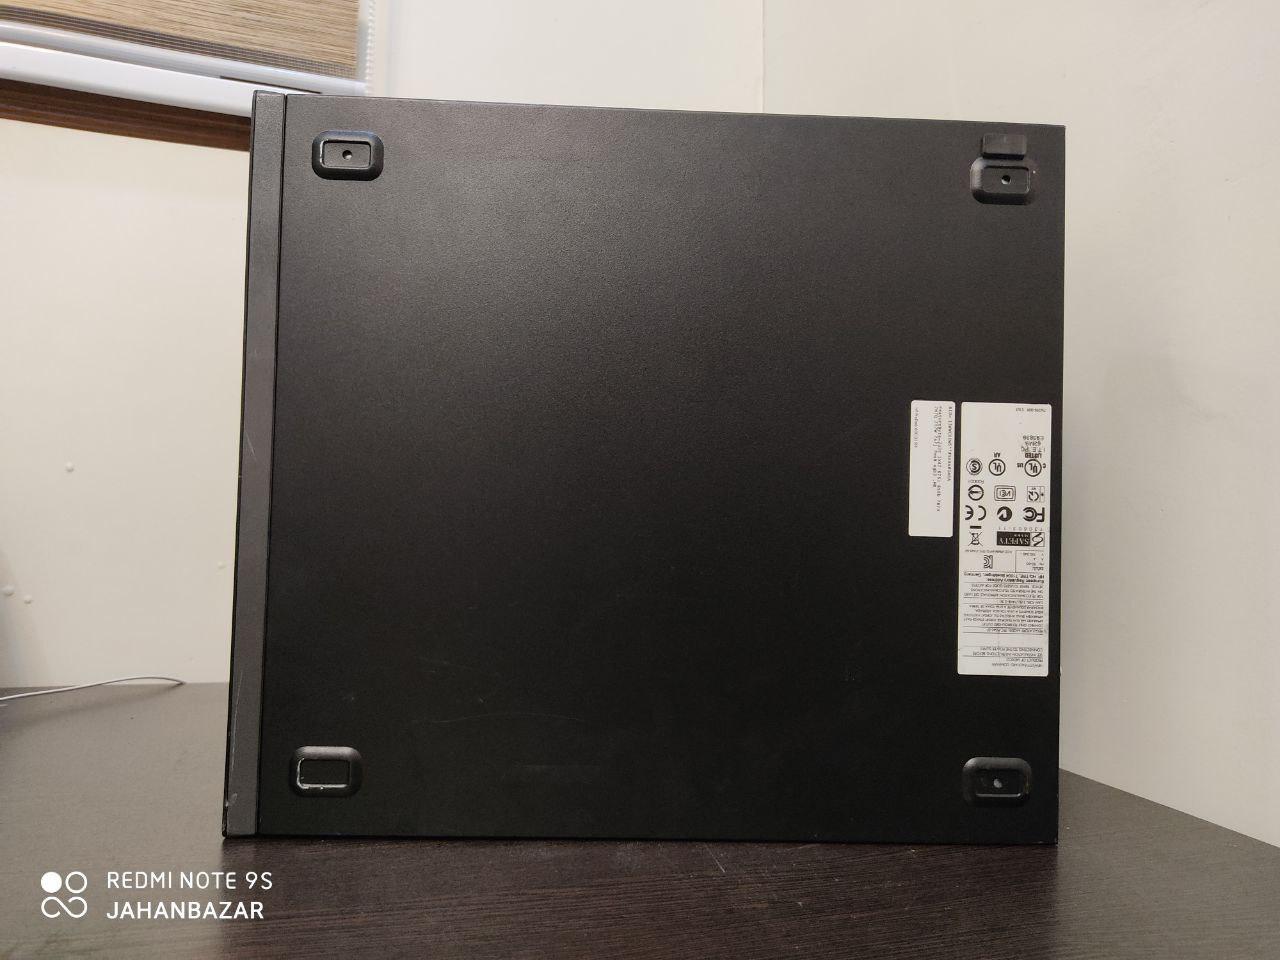 کیس اچ پی 600 g1